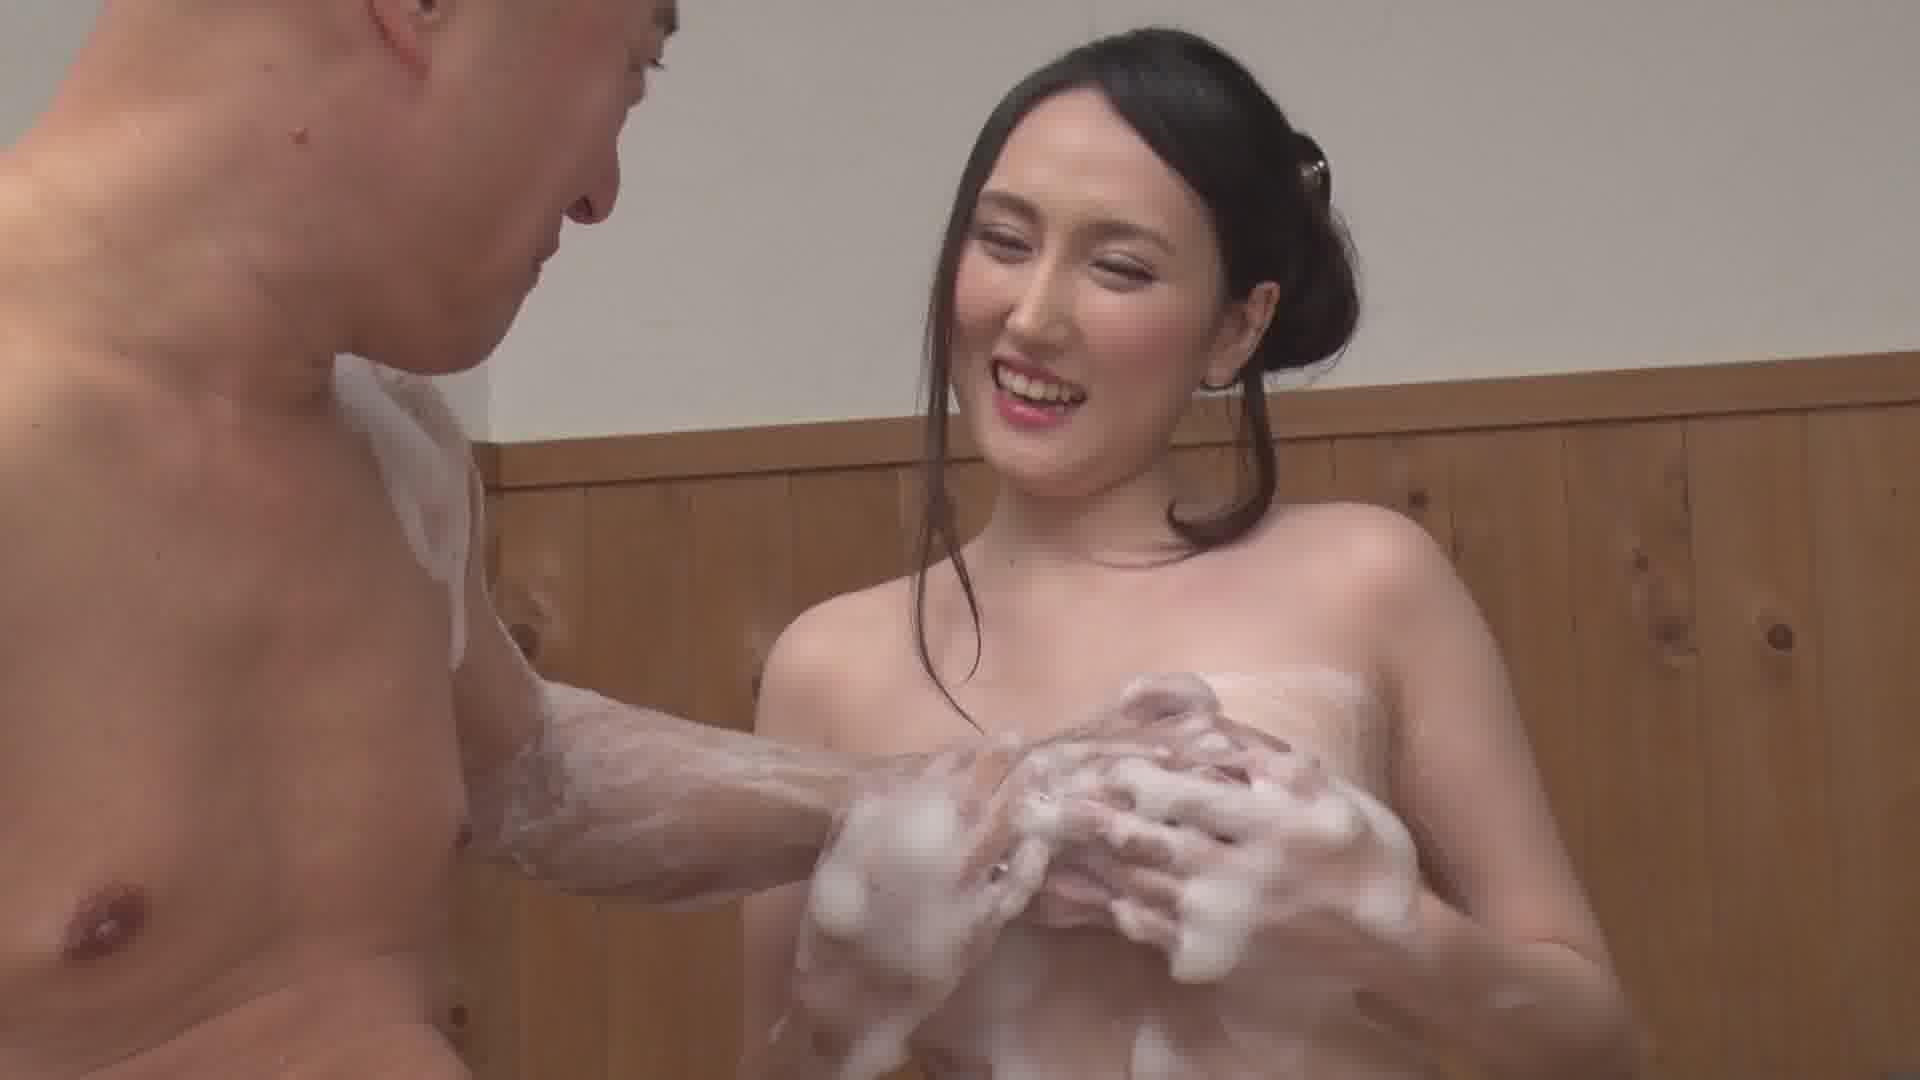 洗練された大人のいやし亭 ~白い美乳が浮かぶお風呂にて~ - 美月アンジェリア【巨乳・浴衣・中出し】